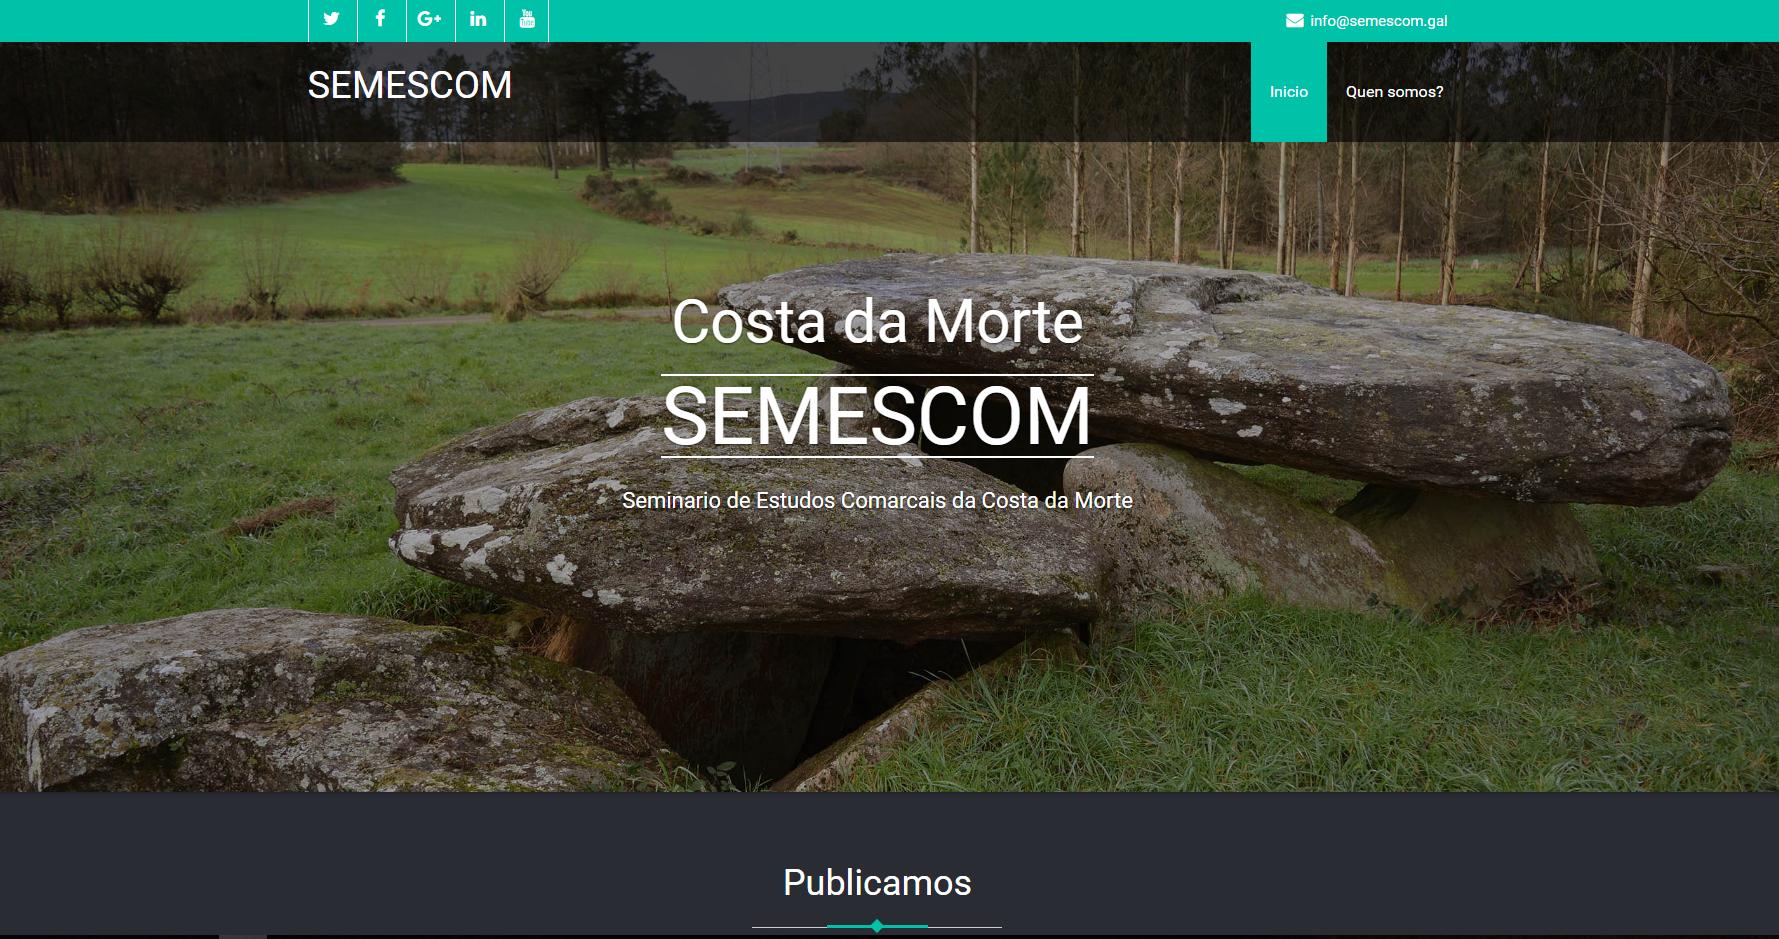 pantalla-novaweb-semescom